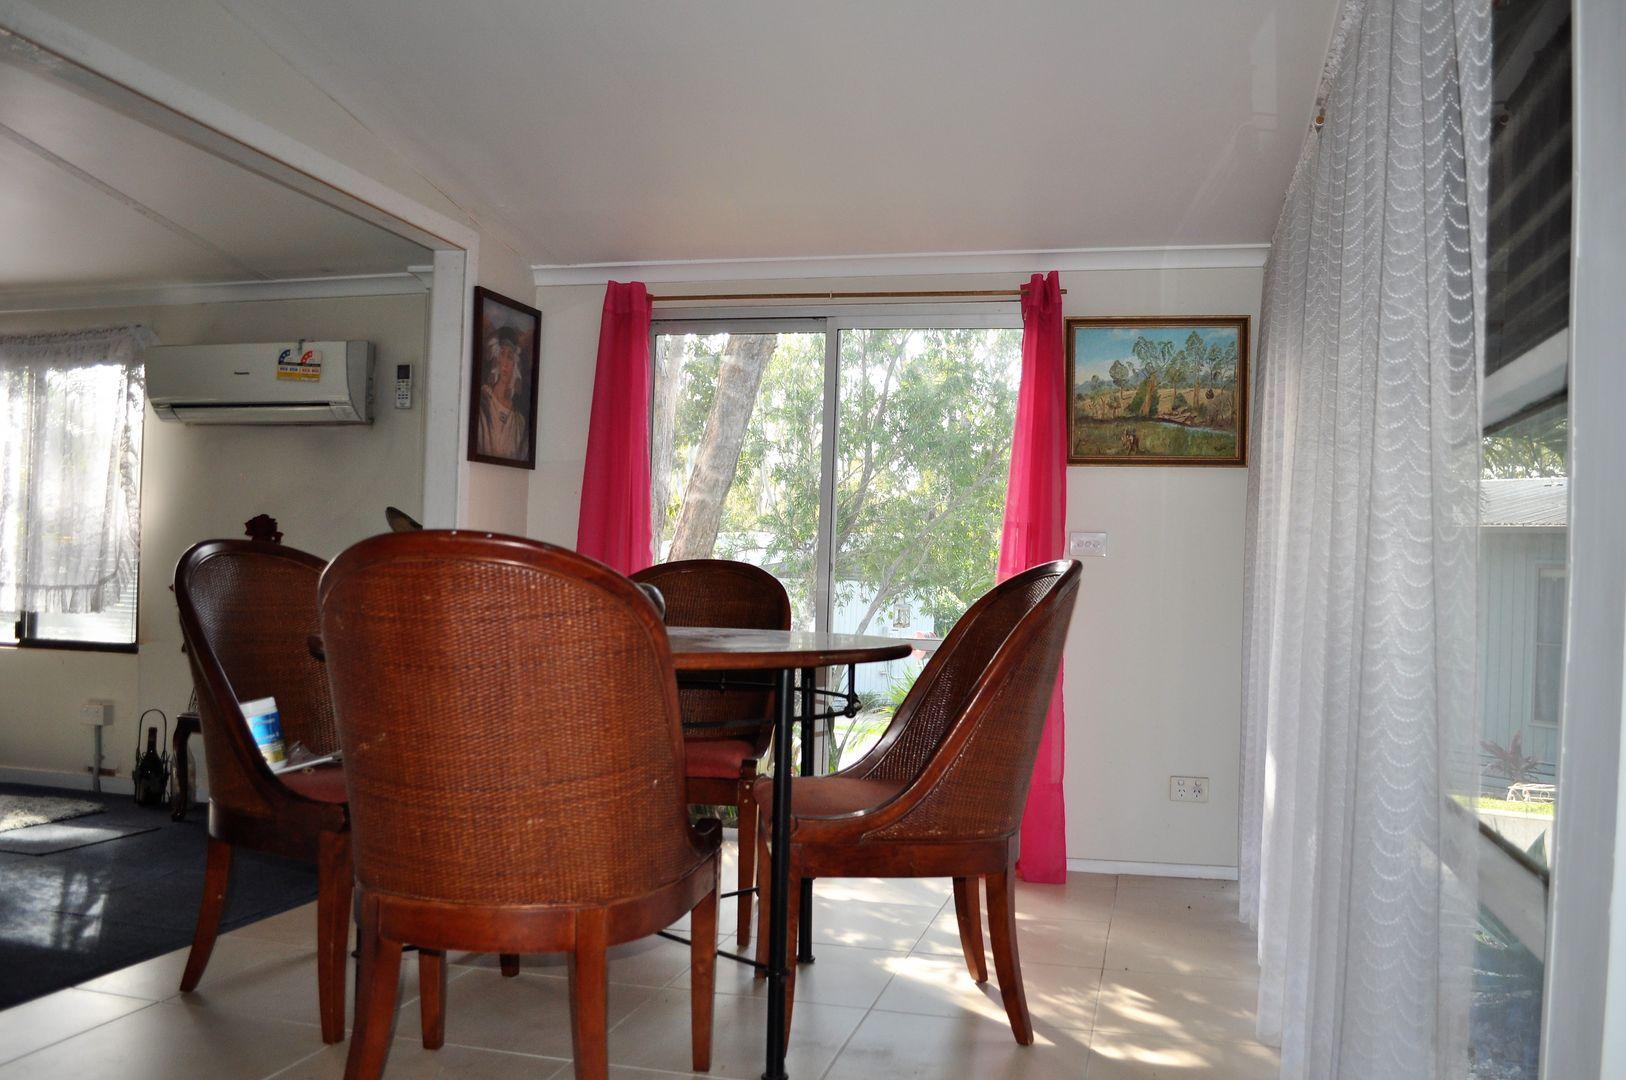 58/8 Hearnes Lake Road, The Pines, Woolgoolga NSW 2456, Image 2